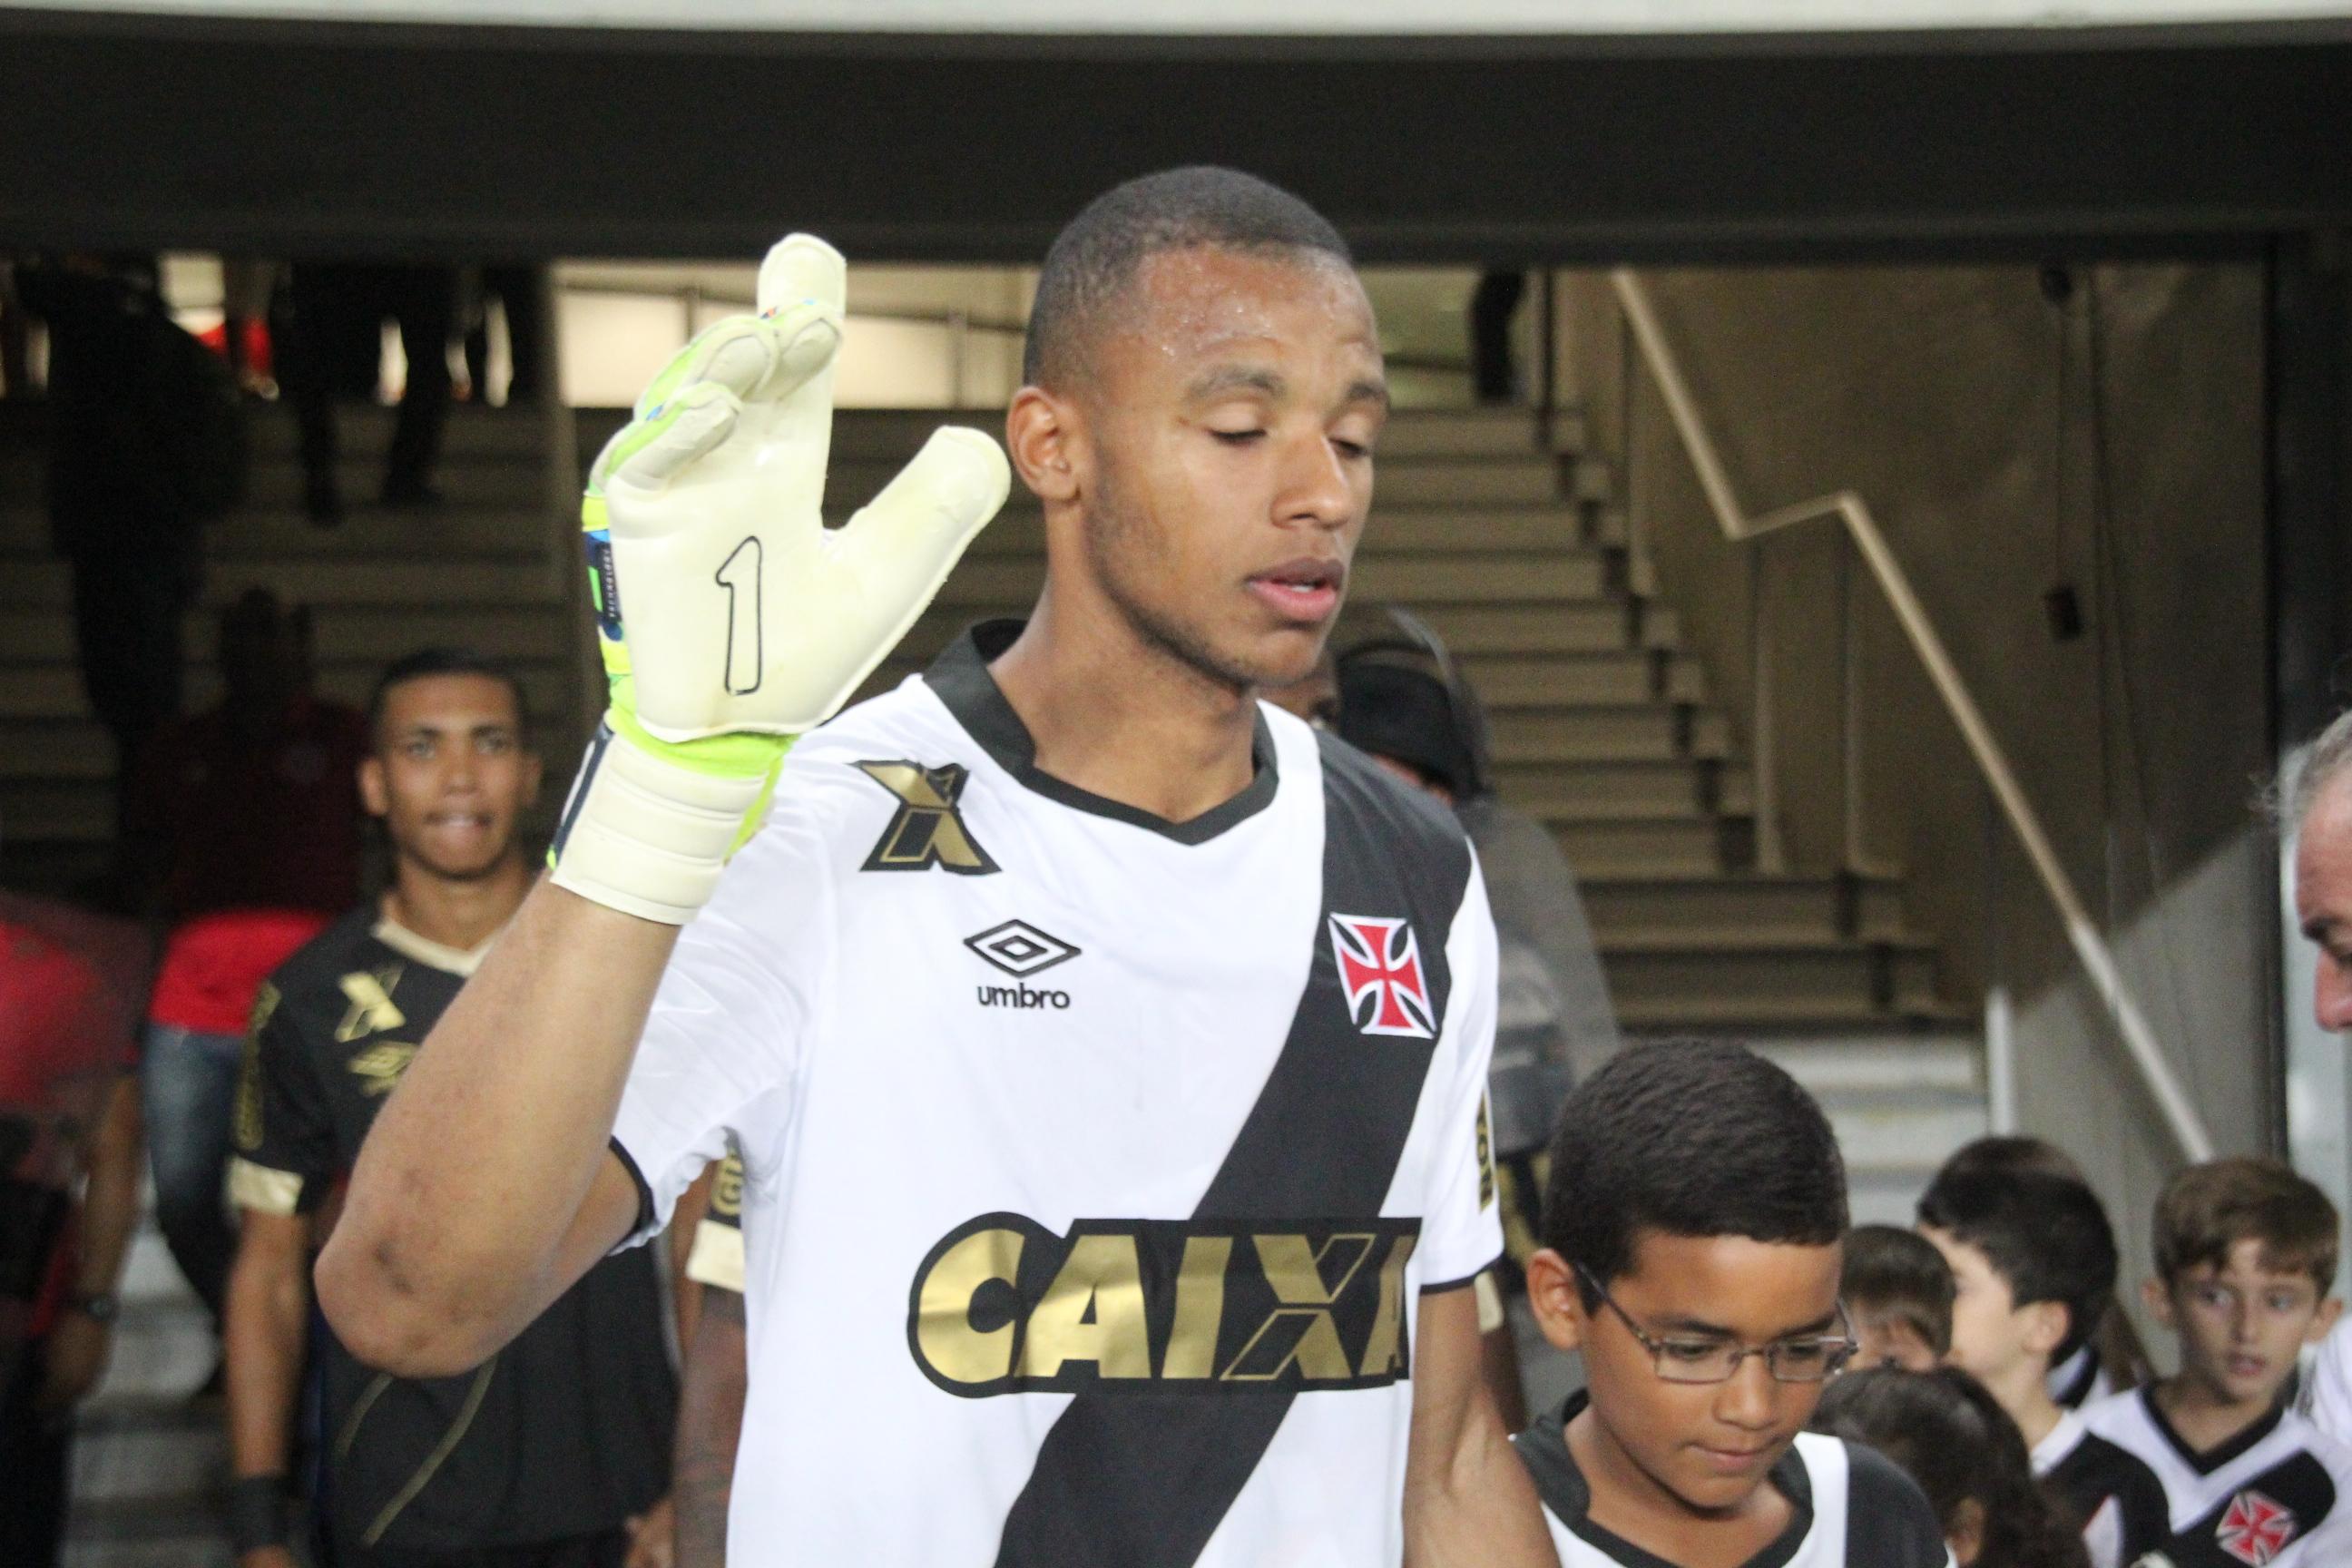 9d8f099d3b Curtinha  Vasco cria nova camisa de goleiro em cima do uniforme branco